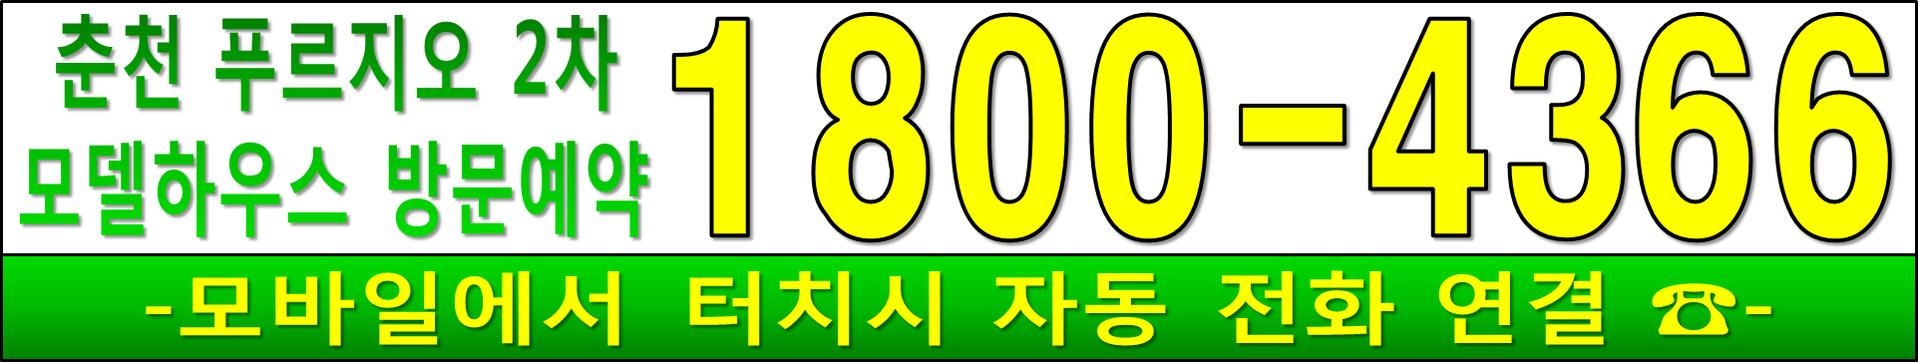 춘천 푸르지오 2차 모델하우스 대표번호 메인